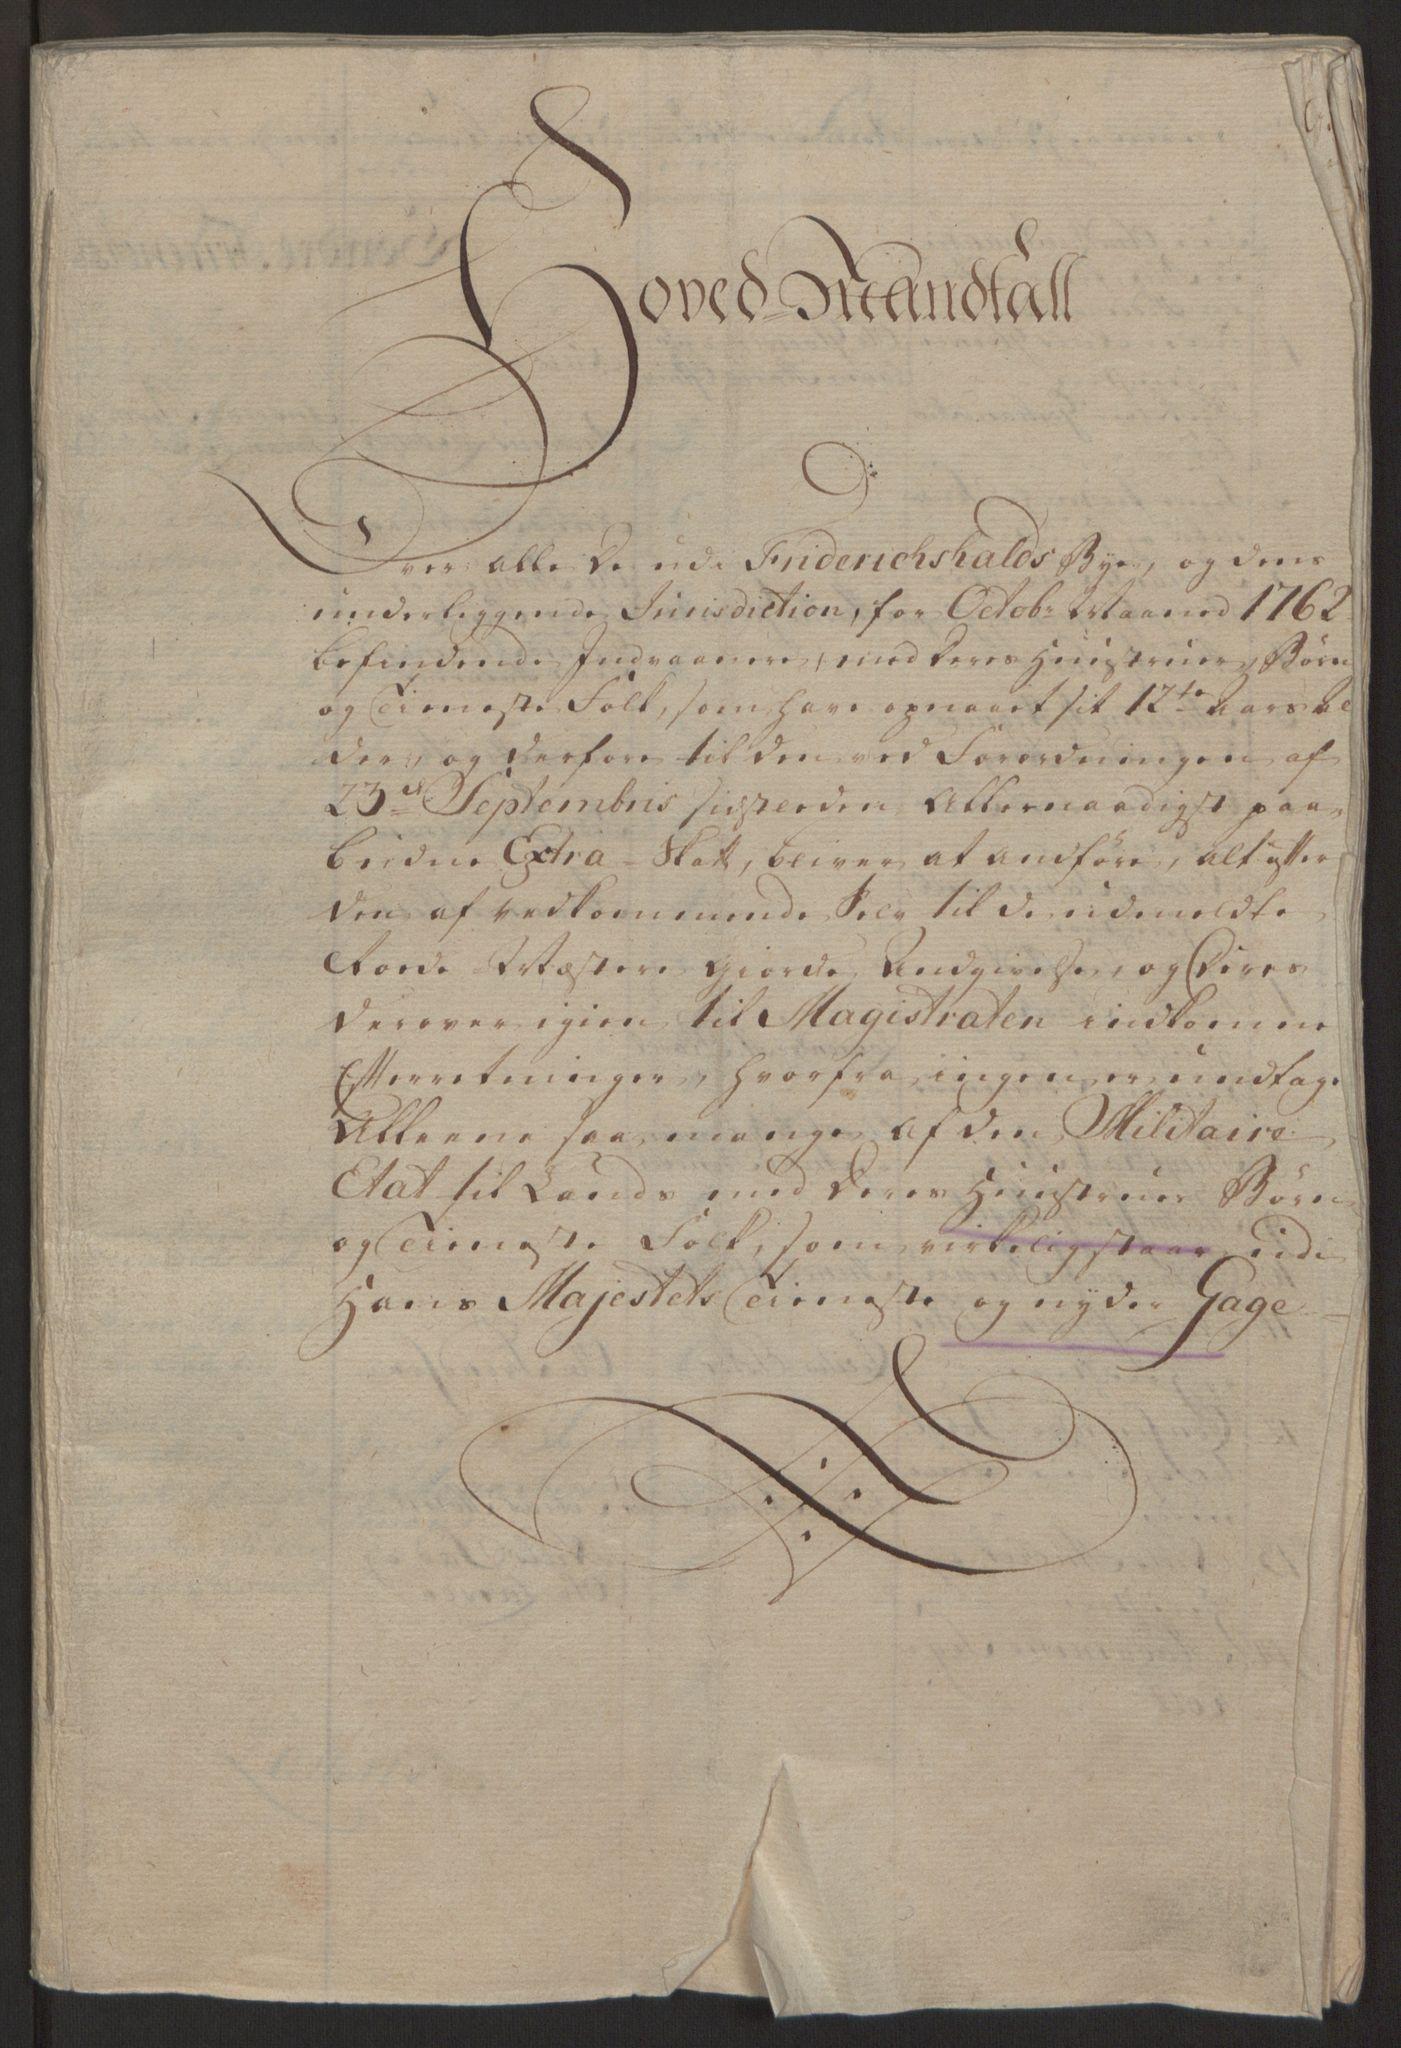 RA, Rentekammeret inntil 1814, Reviderte regnskaper, Byregnskaper, R/Ra/L0006: [A4] Kontribusjonsregnskap, 1762-1772, s. 12